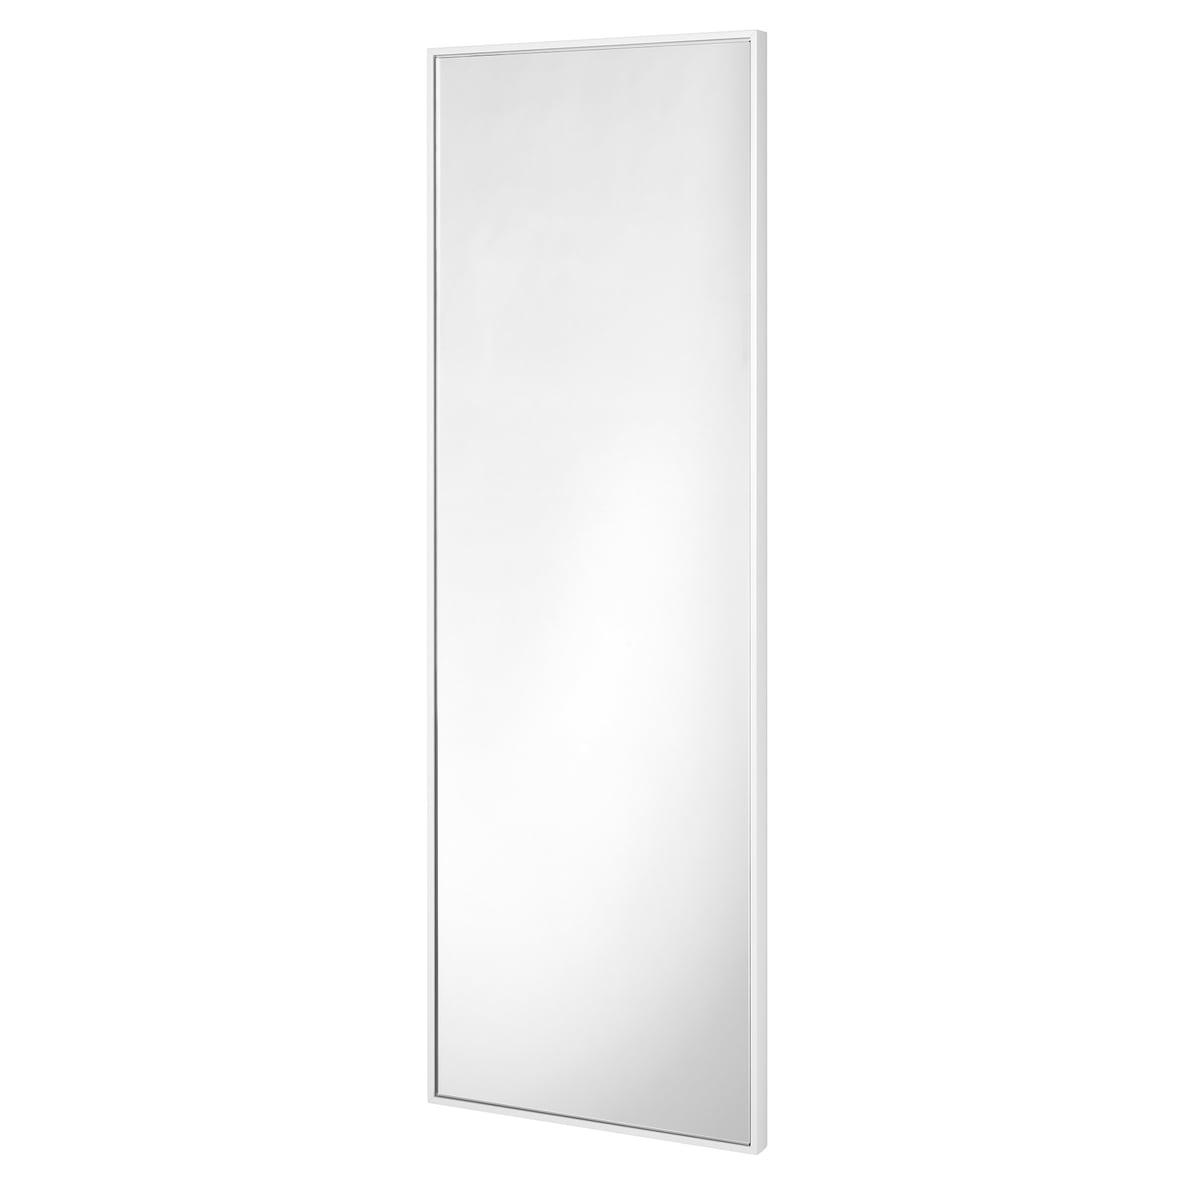 sch nbuch urban spiegel h 120 cm schneewei t 3 h 120 b 40 online kaufen bei woonio. Black Bedroom Furniture Sets. Home Design Ideas